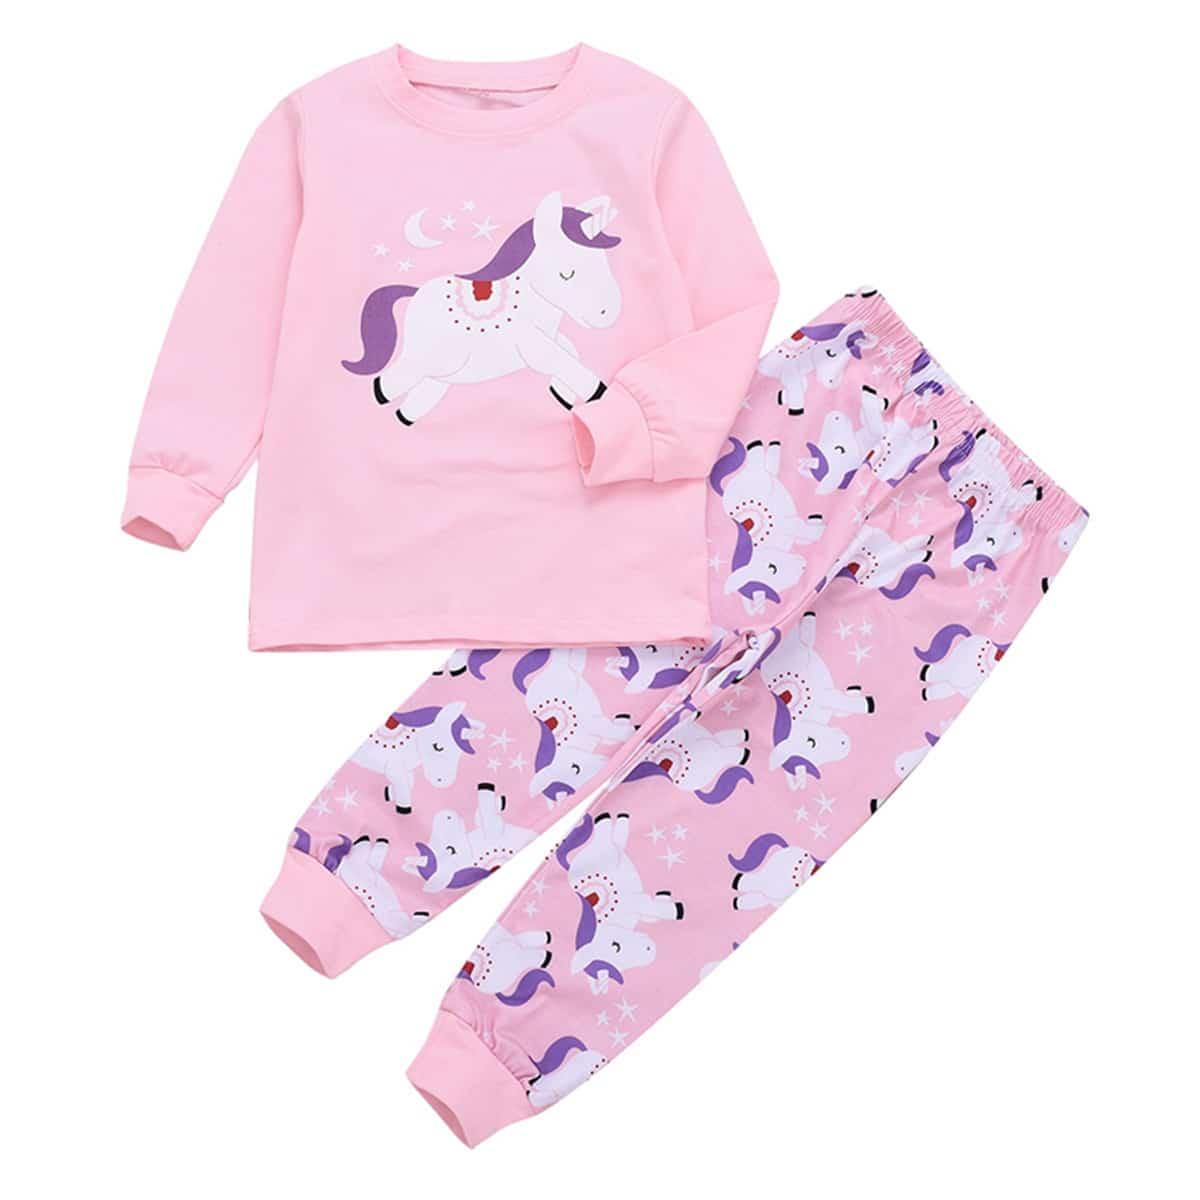 Футболка и брюки с принтом единорога для маленьких девочек от SHEIN